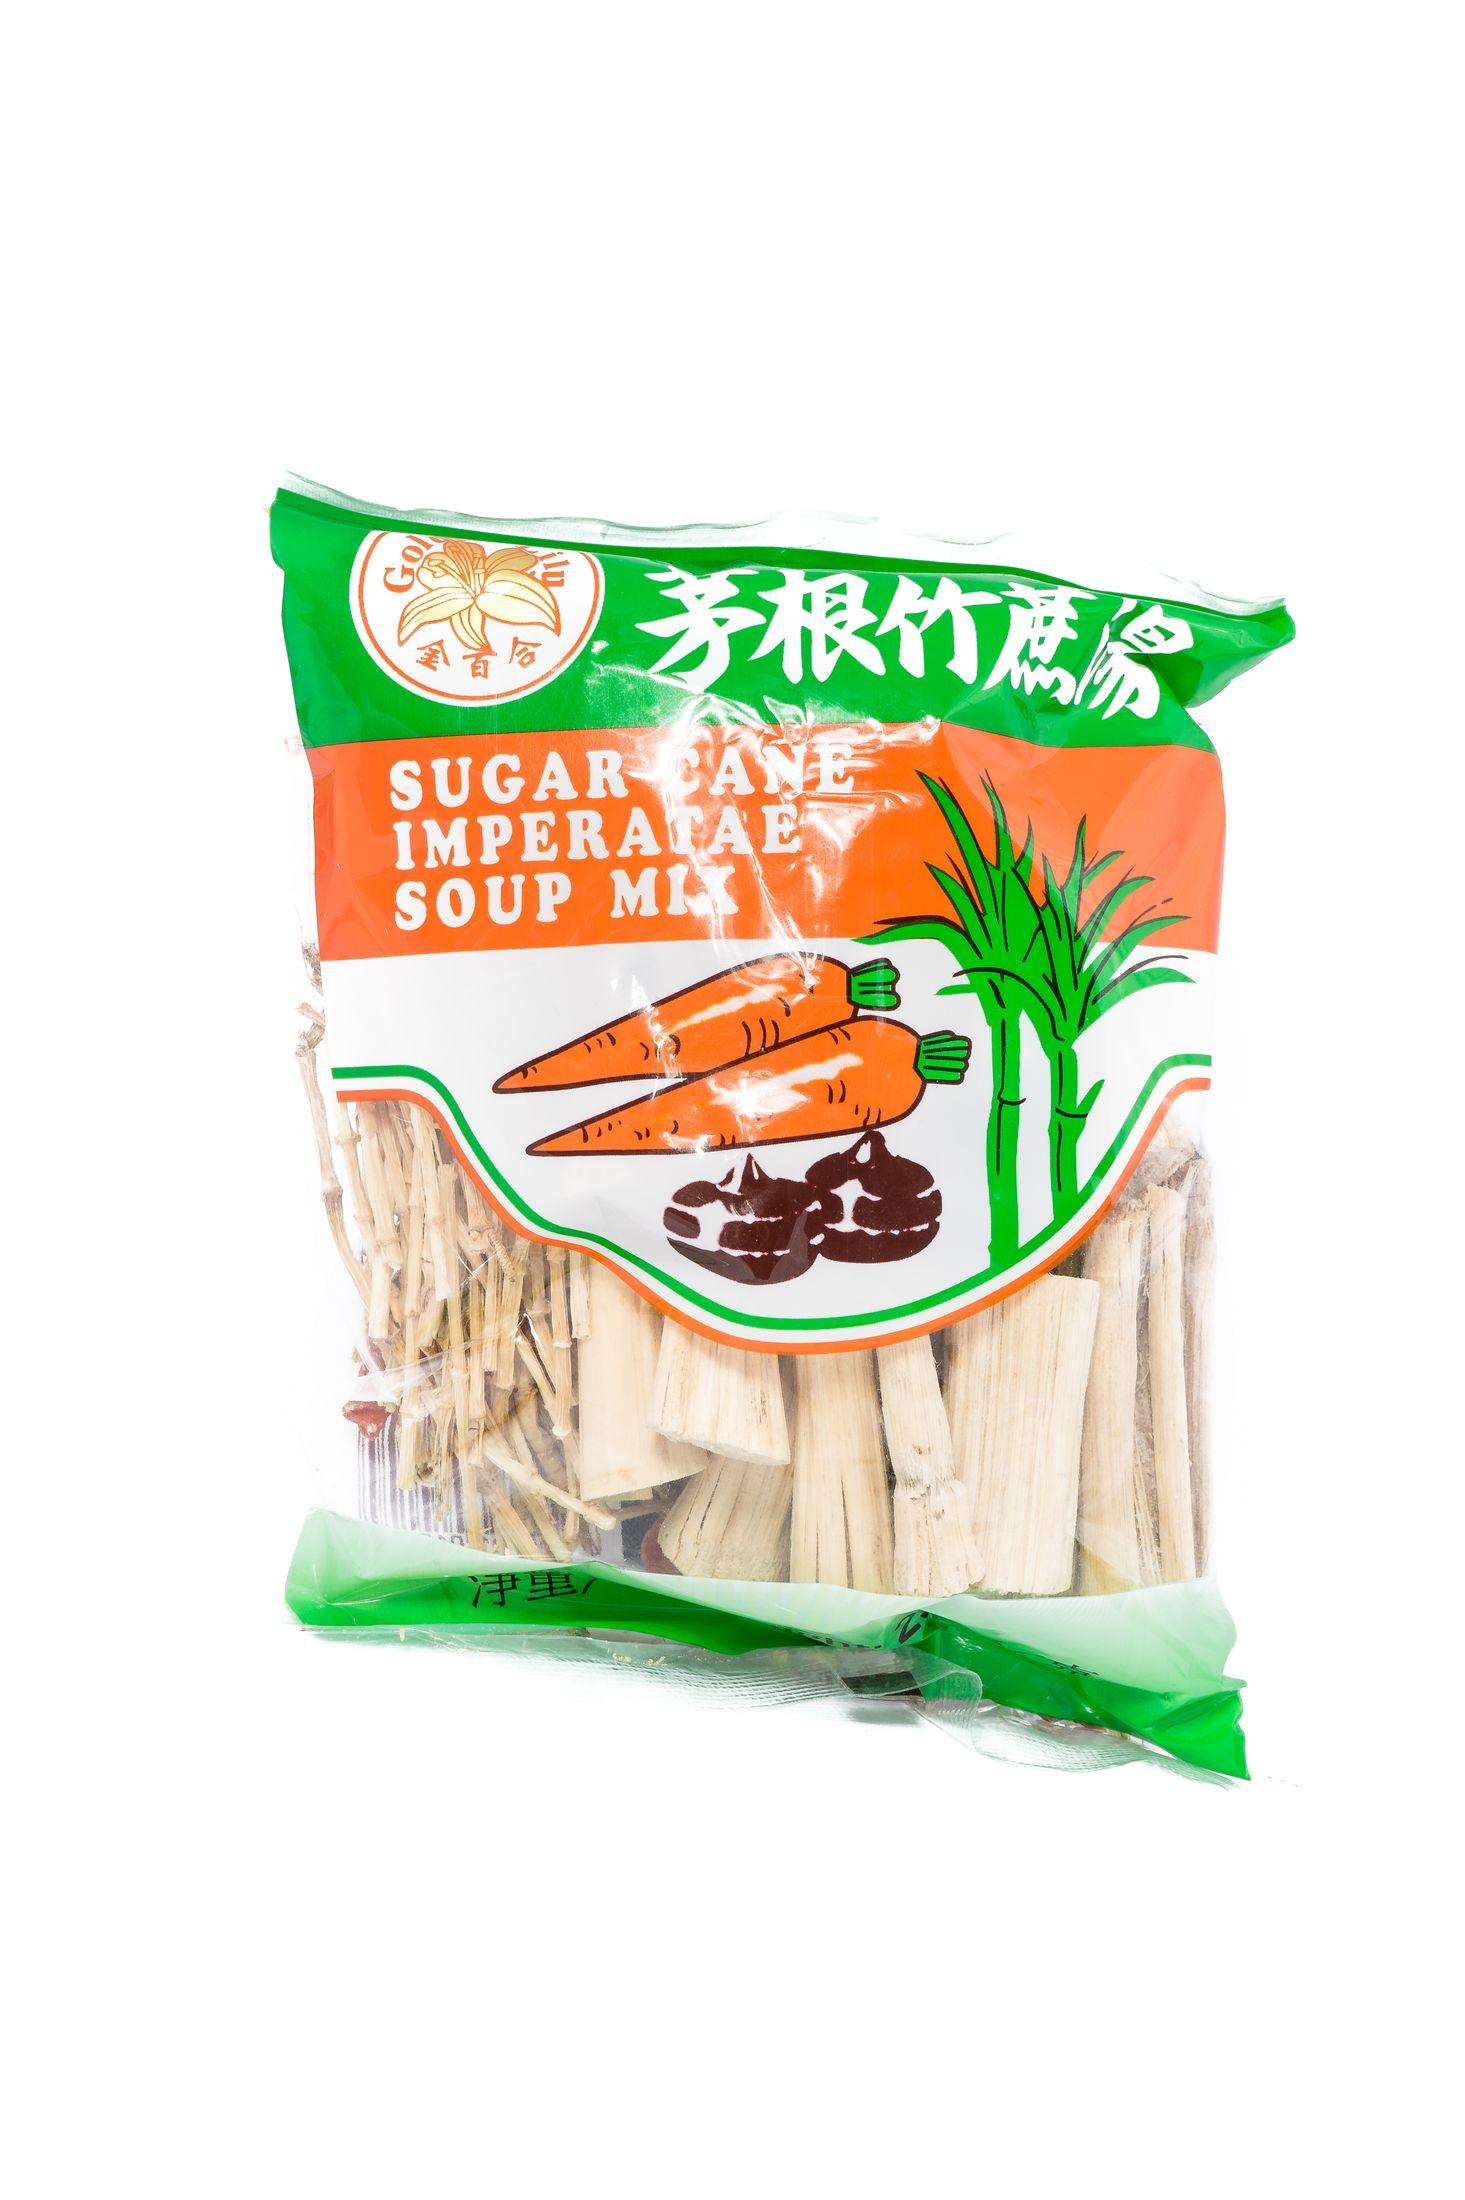 Sugar cane soup mix